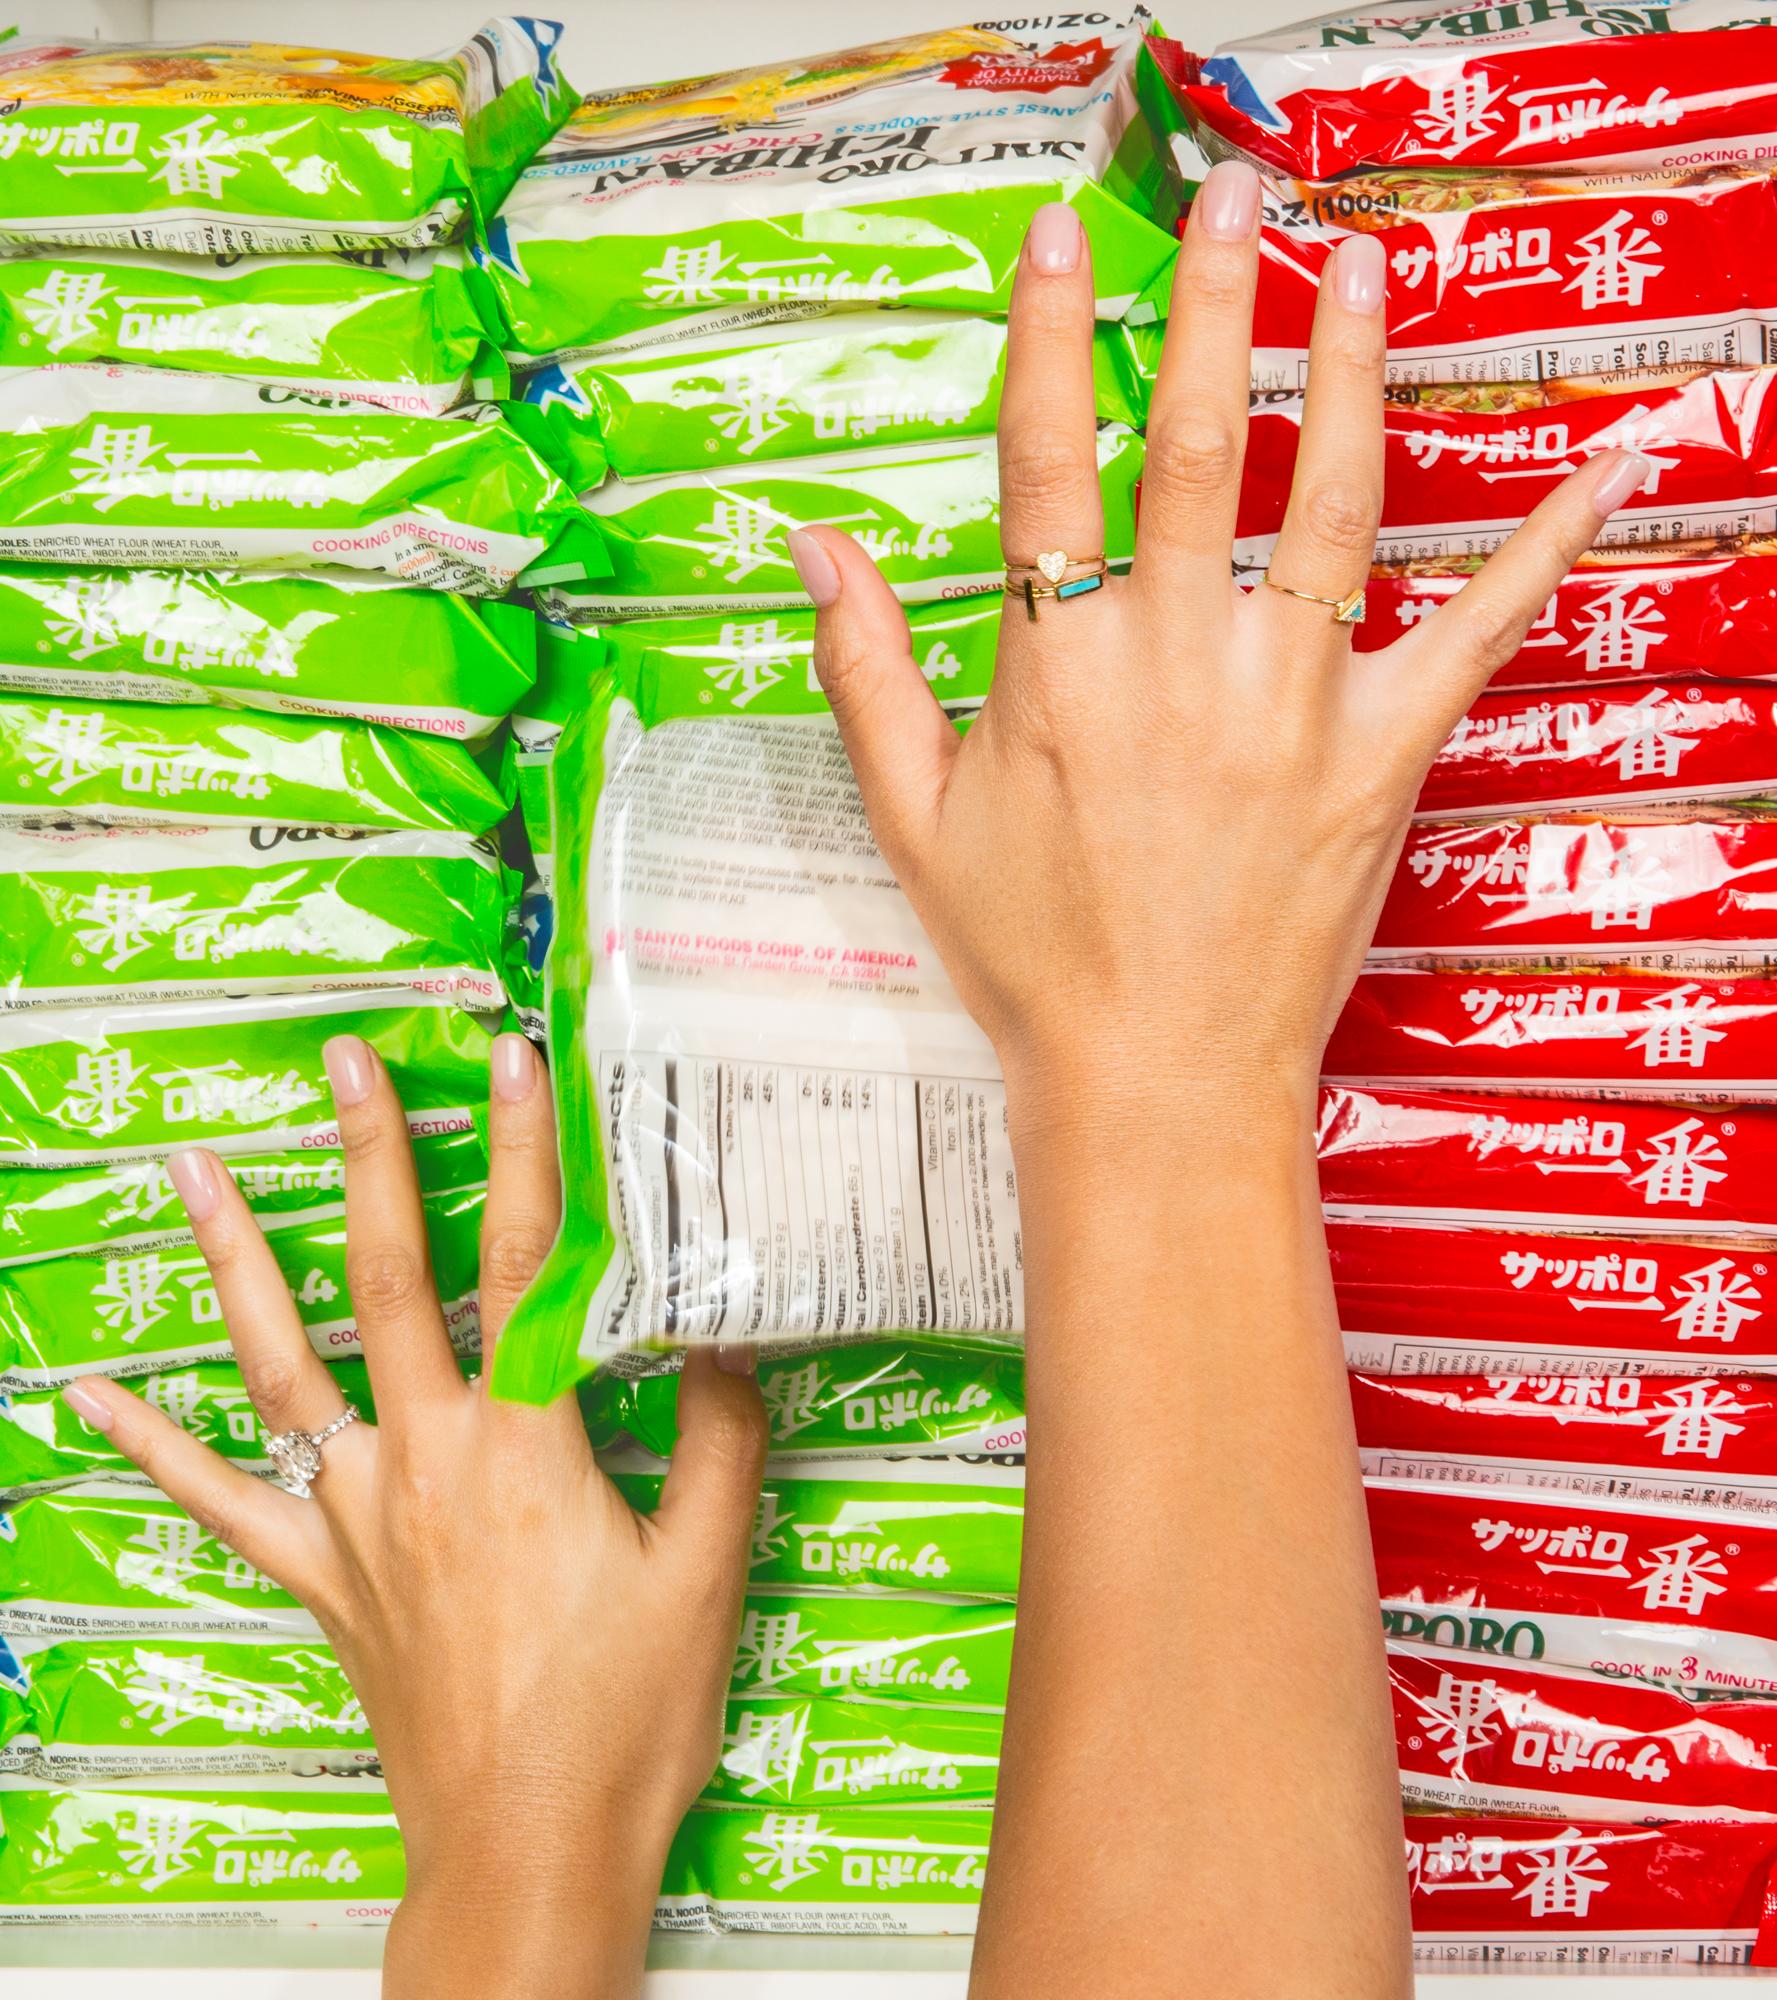 ramen-package-27.jpg